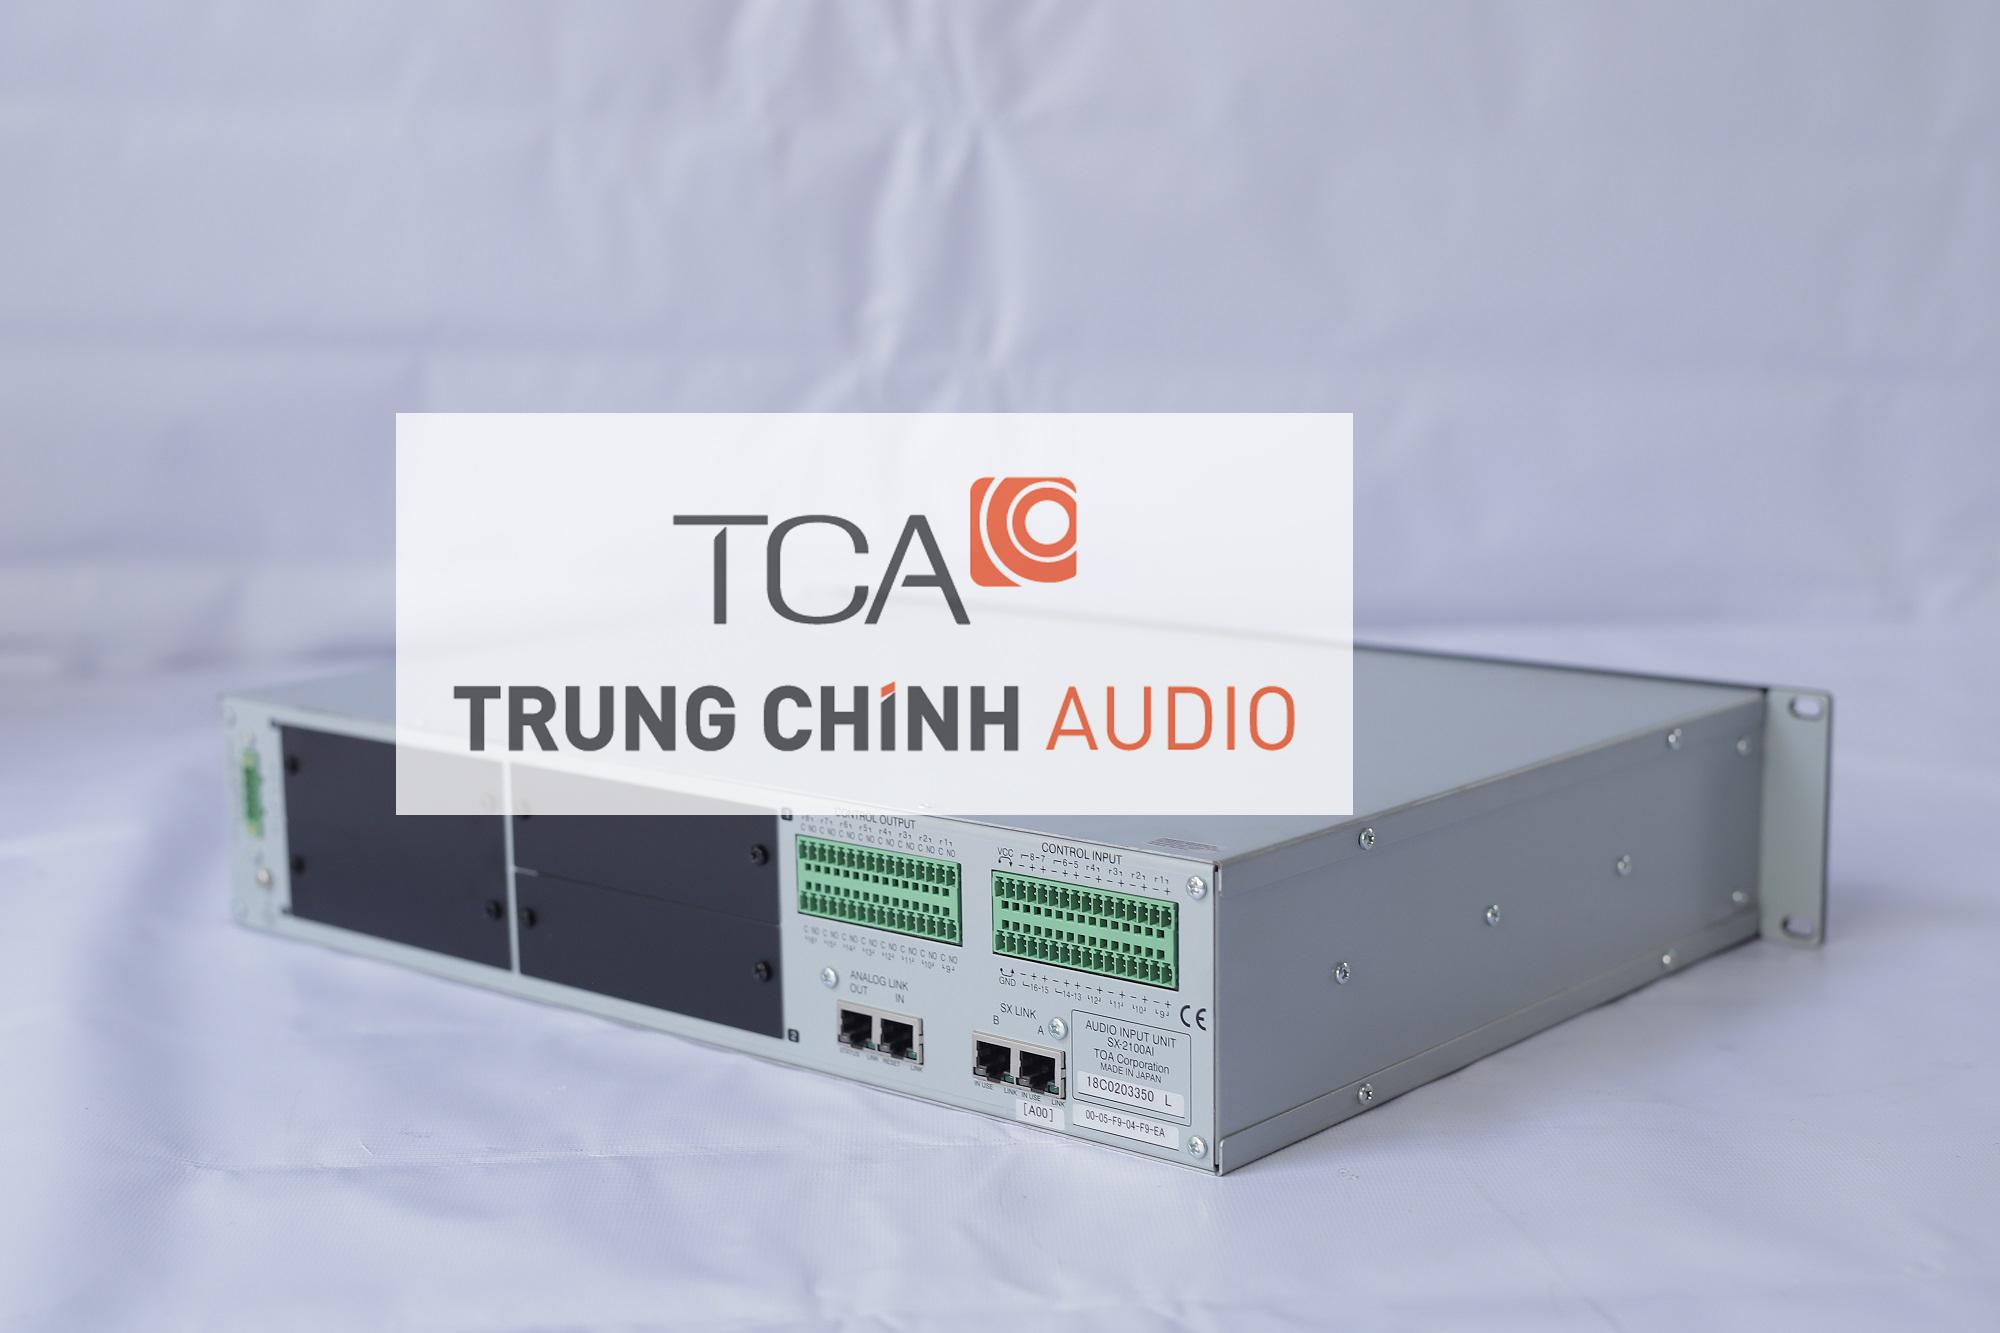 TOA SX-2100AI, hệ thống nguồn cấp điện TOA SX-2100AI, TOA power amplifier  SX-2100AI, amplifier kĩ thuật số toa